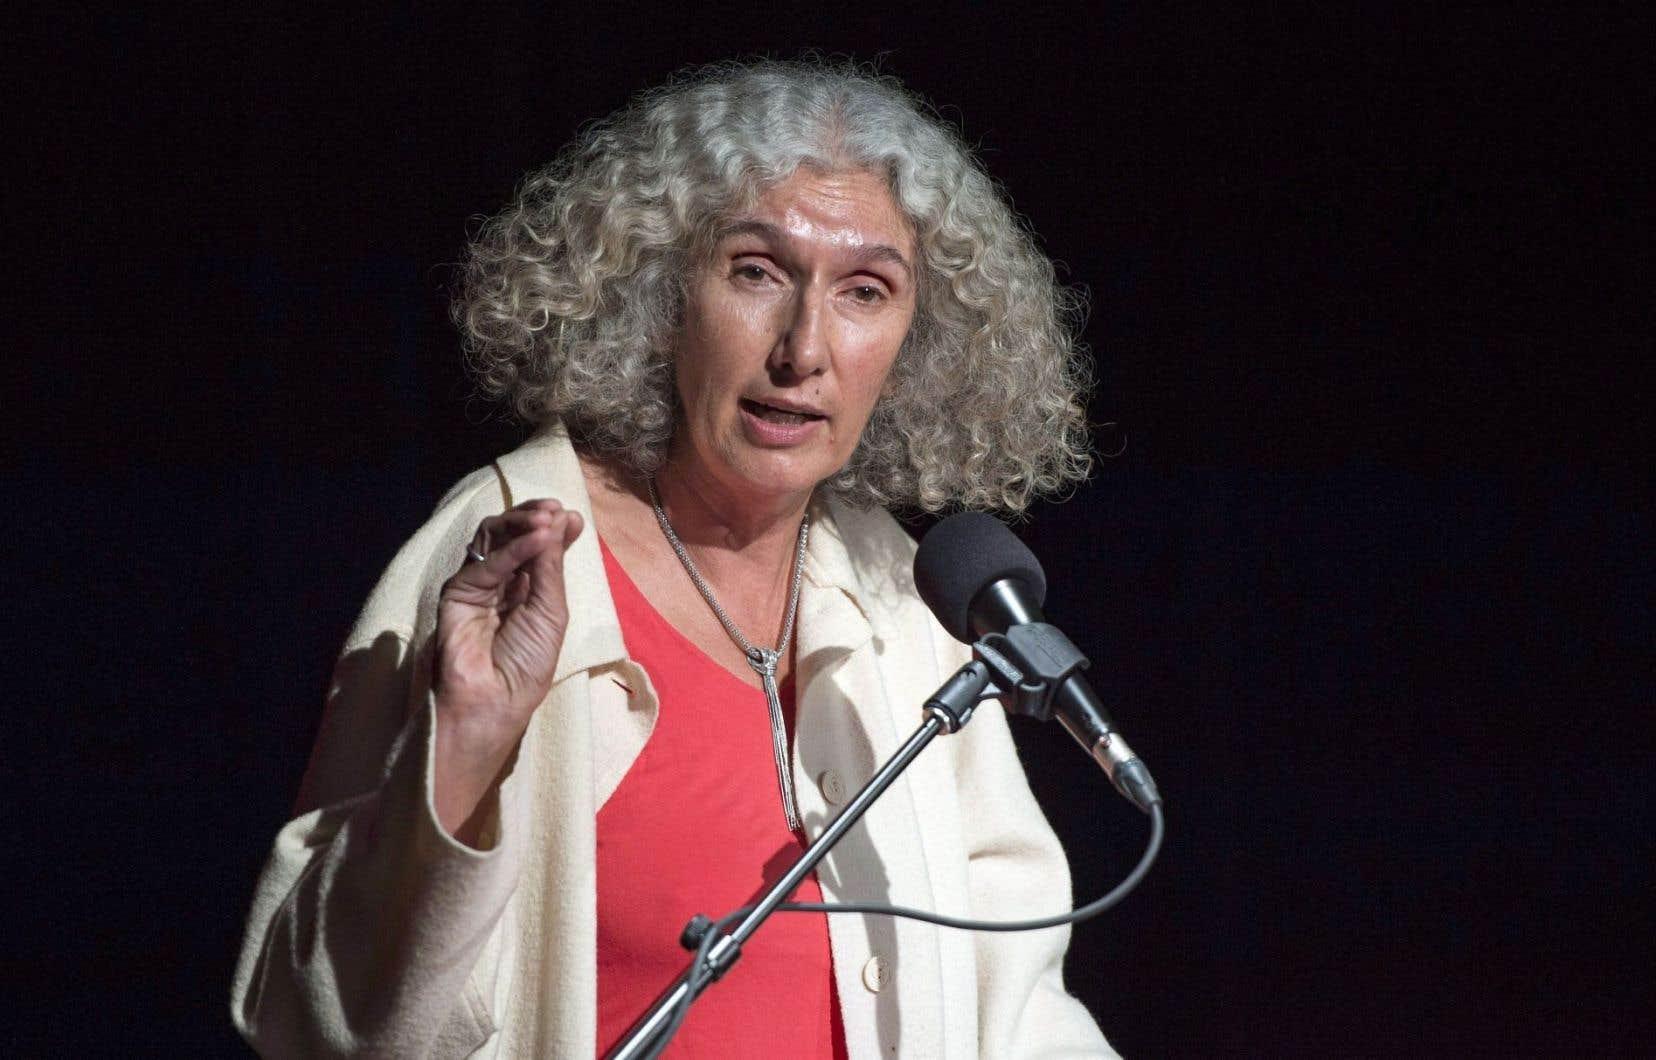 Cécile Rousseau craint que le rapport ne conduise à des amalgames et à des généralisations au sujet de toutes les femmes musulmanes.